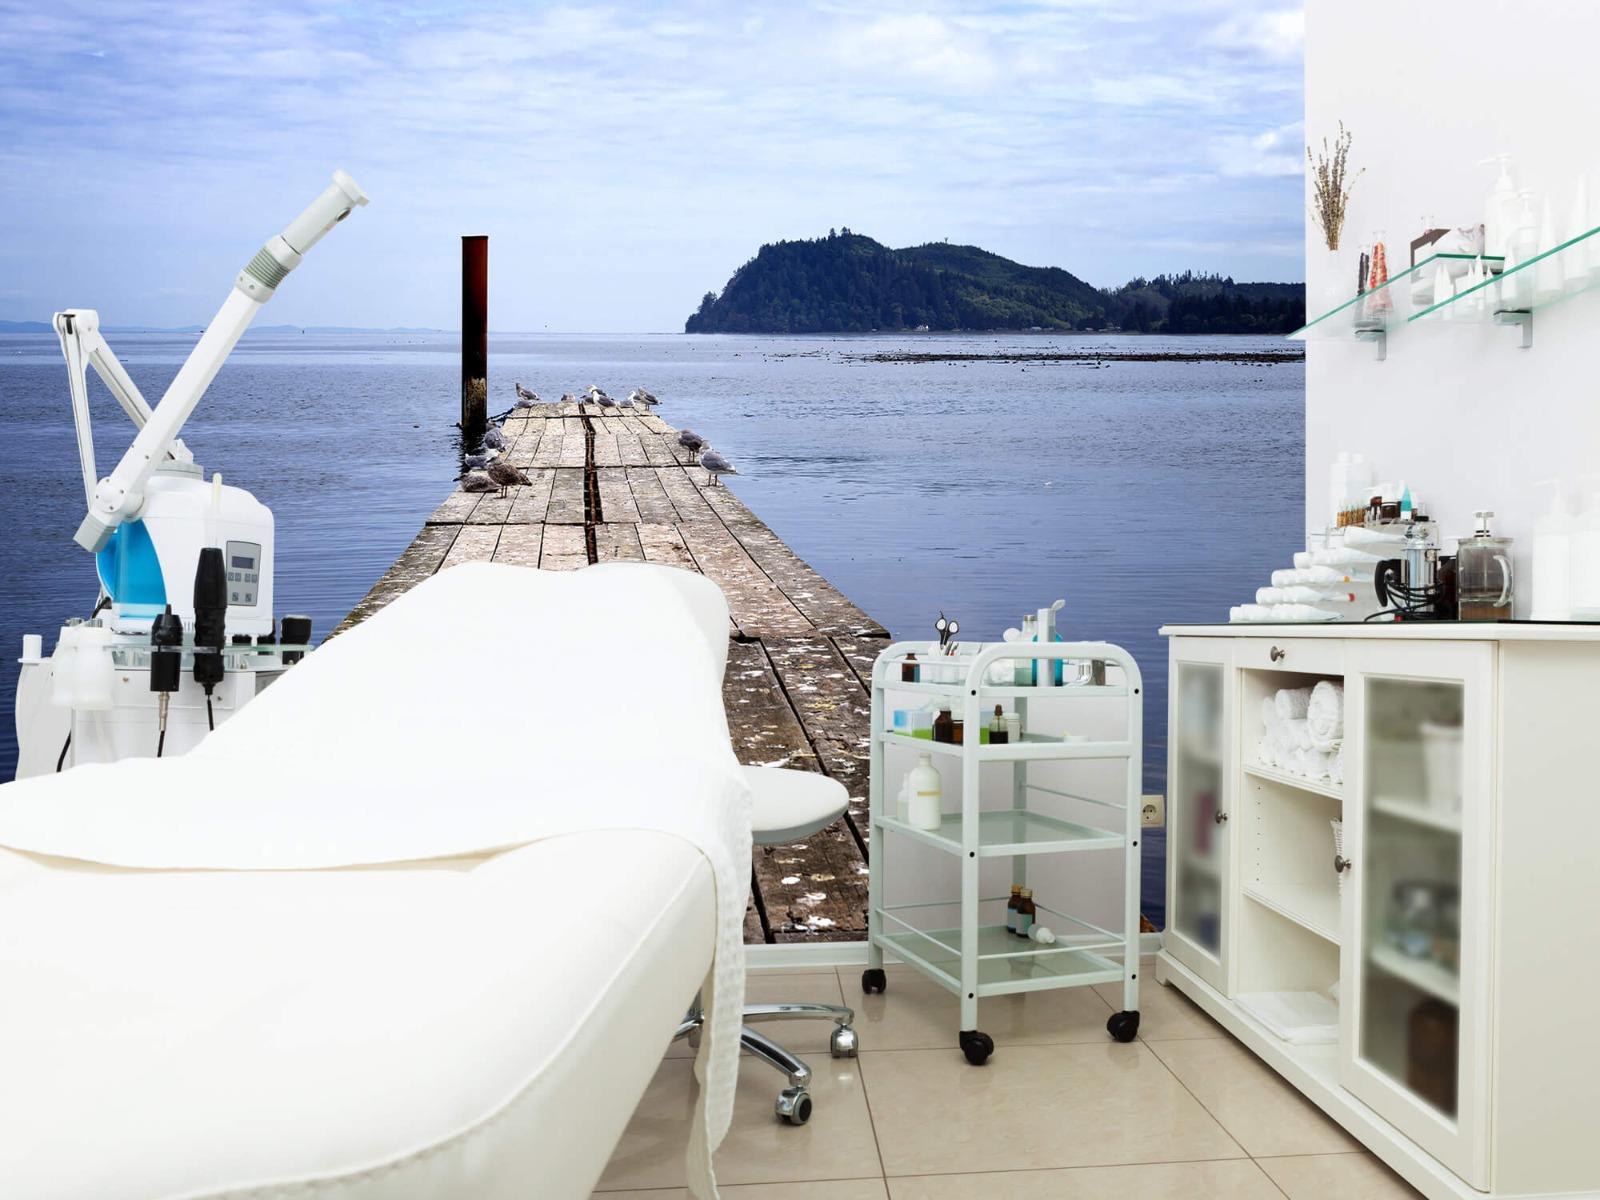 Zeeën en Oceanen - Steiger in zee - Slaapkamer 4